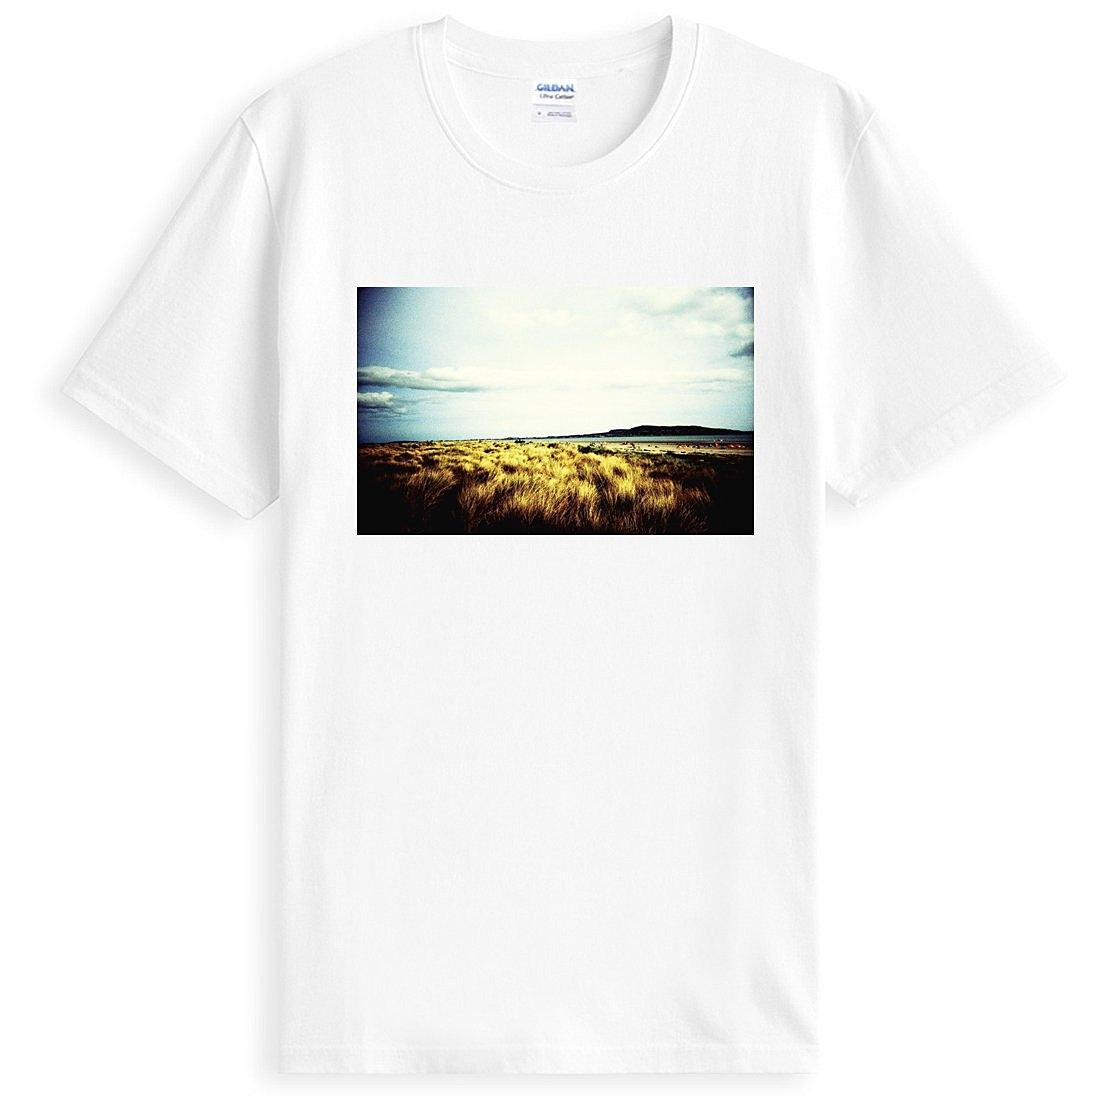 Lomo-island 短袖T恤-白色 Lomography照片相片 搖滾風景樂團美國棉筒T現貨390 gildan